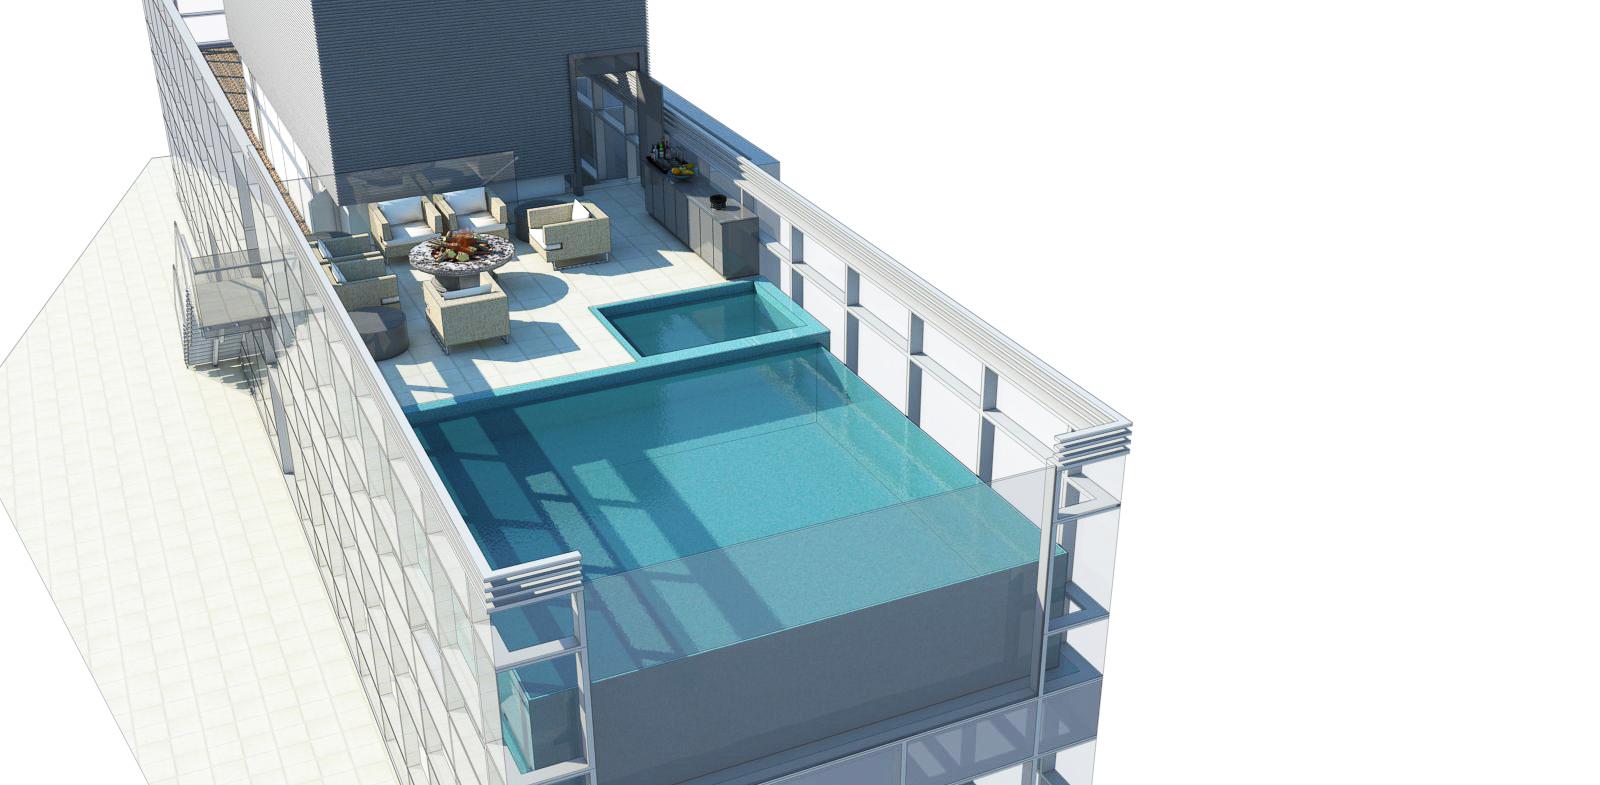 1404 - _0009_Pool Option 3 Aerial